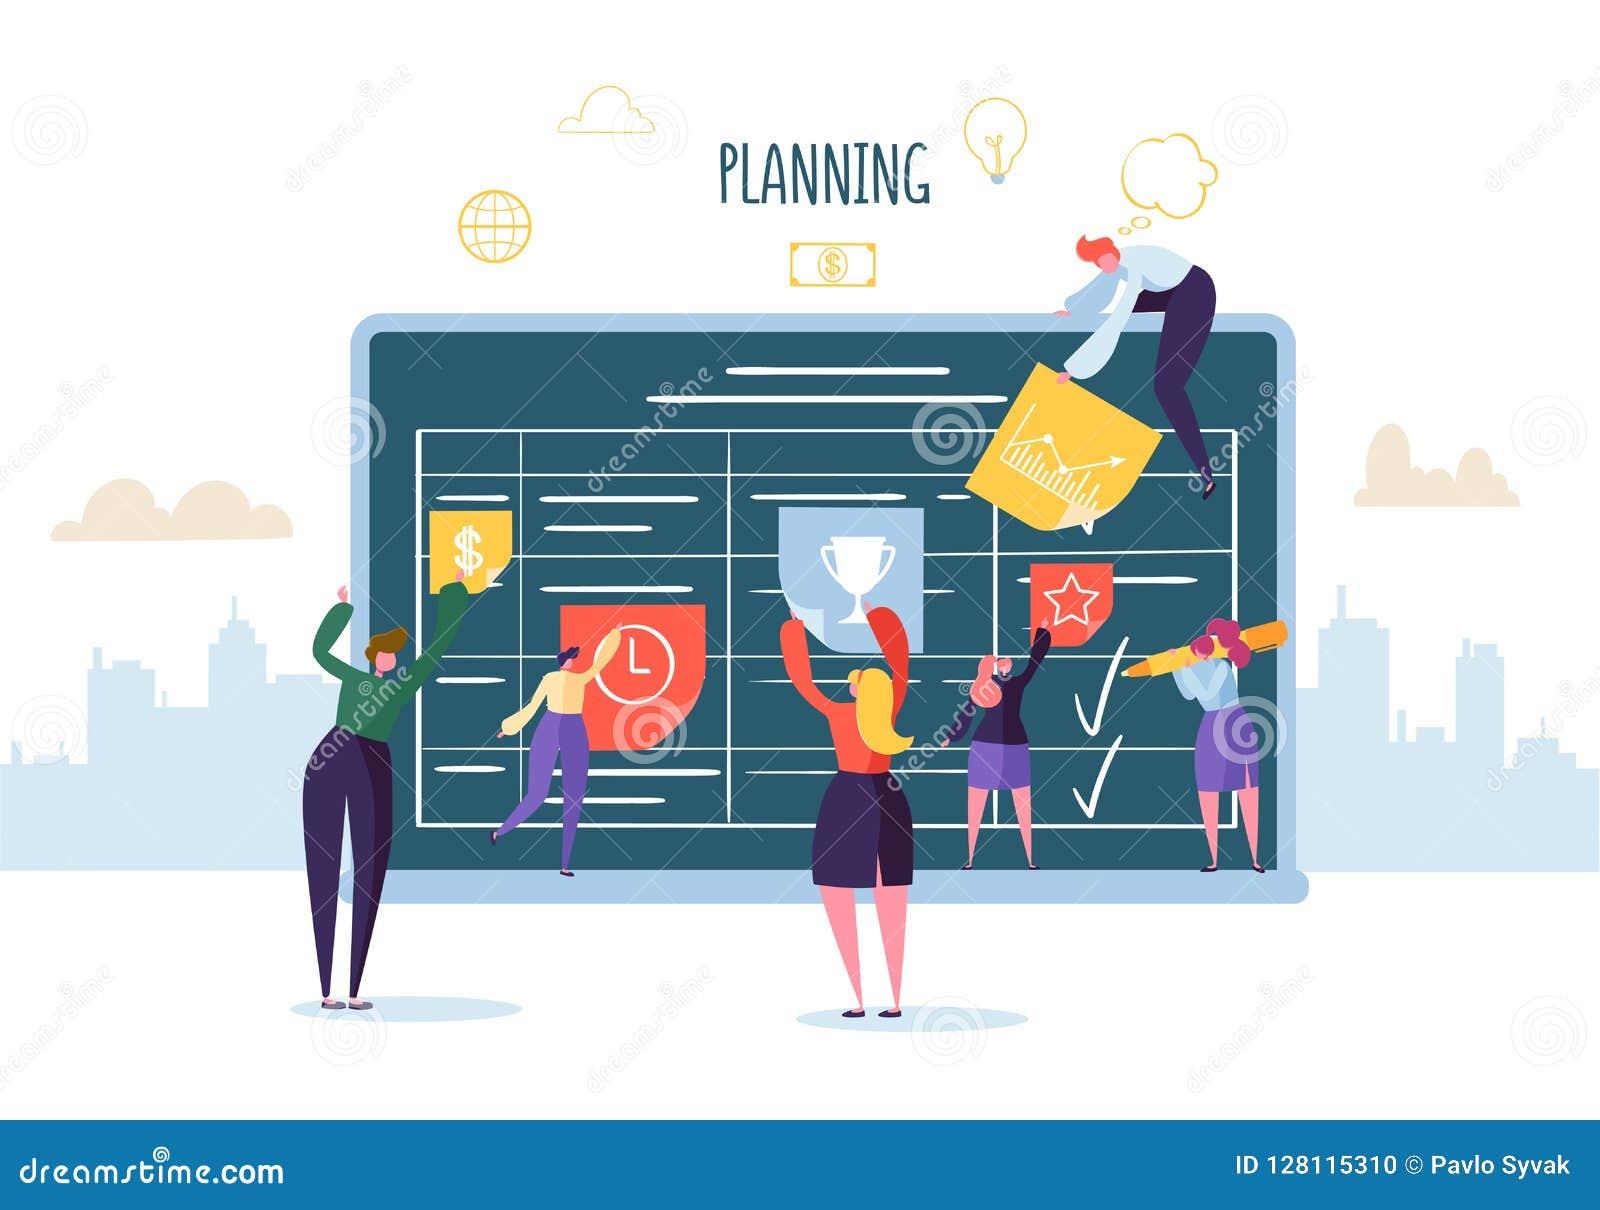 Het Concept van het planningsprogramma met Bedrijfskarakters die met Ontwerper werken Team Work Together Vlakke Mensen Teamworkin